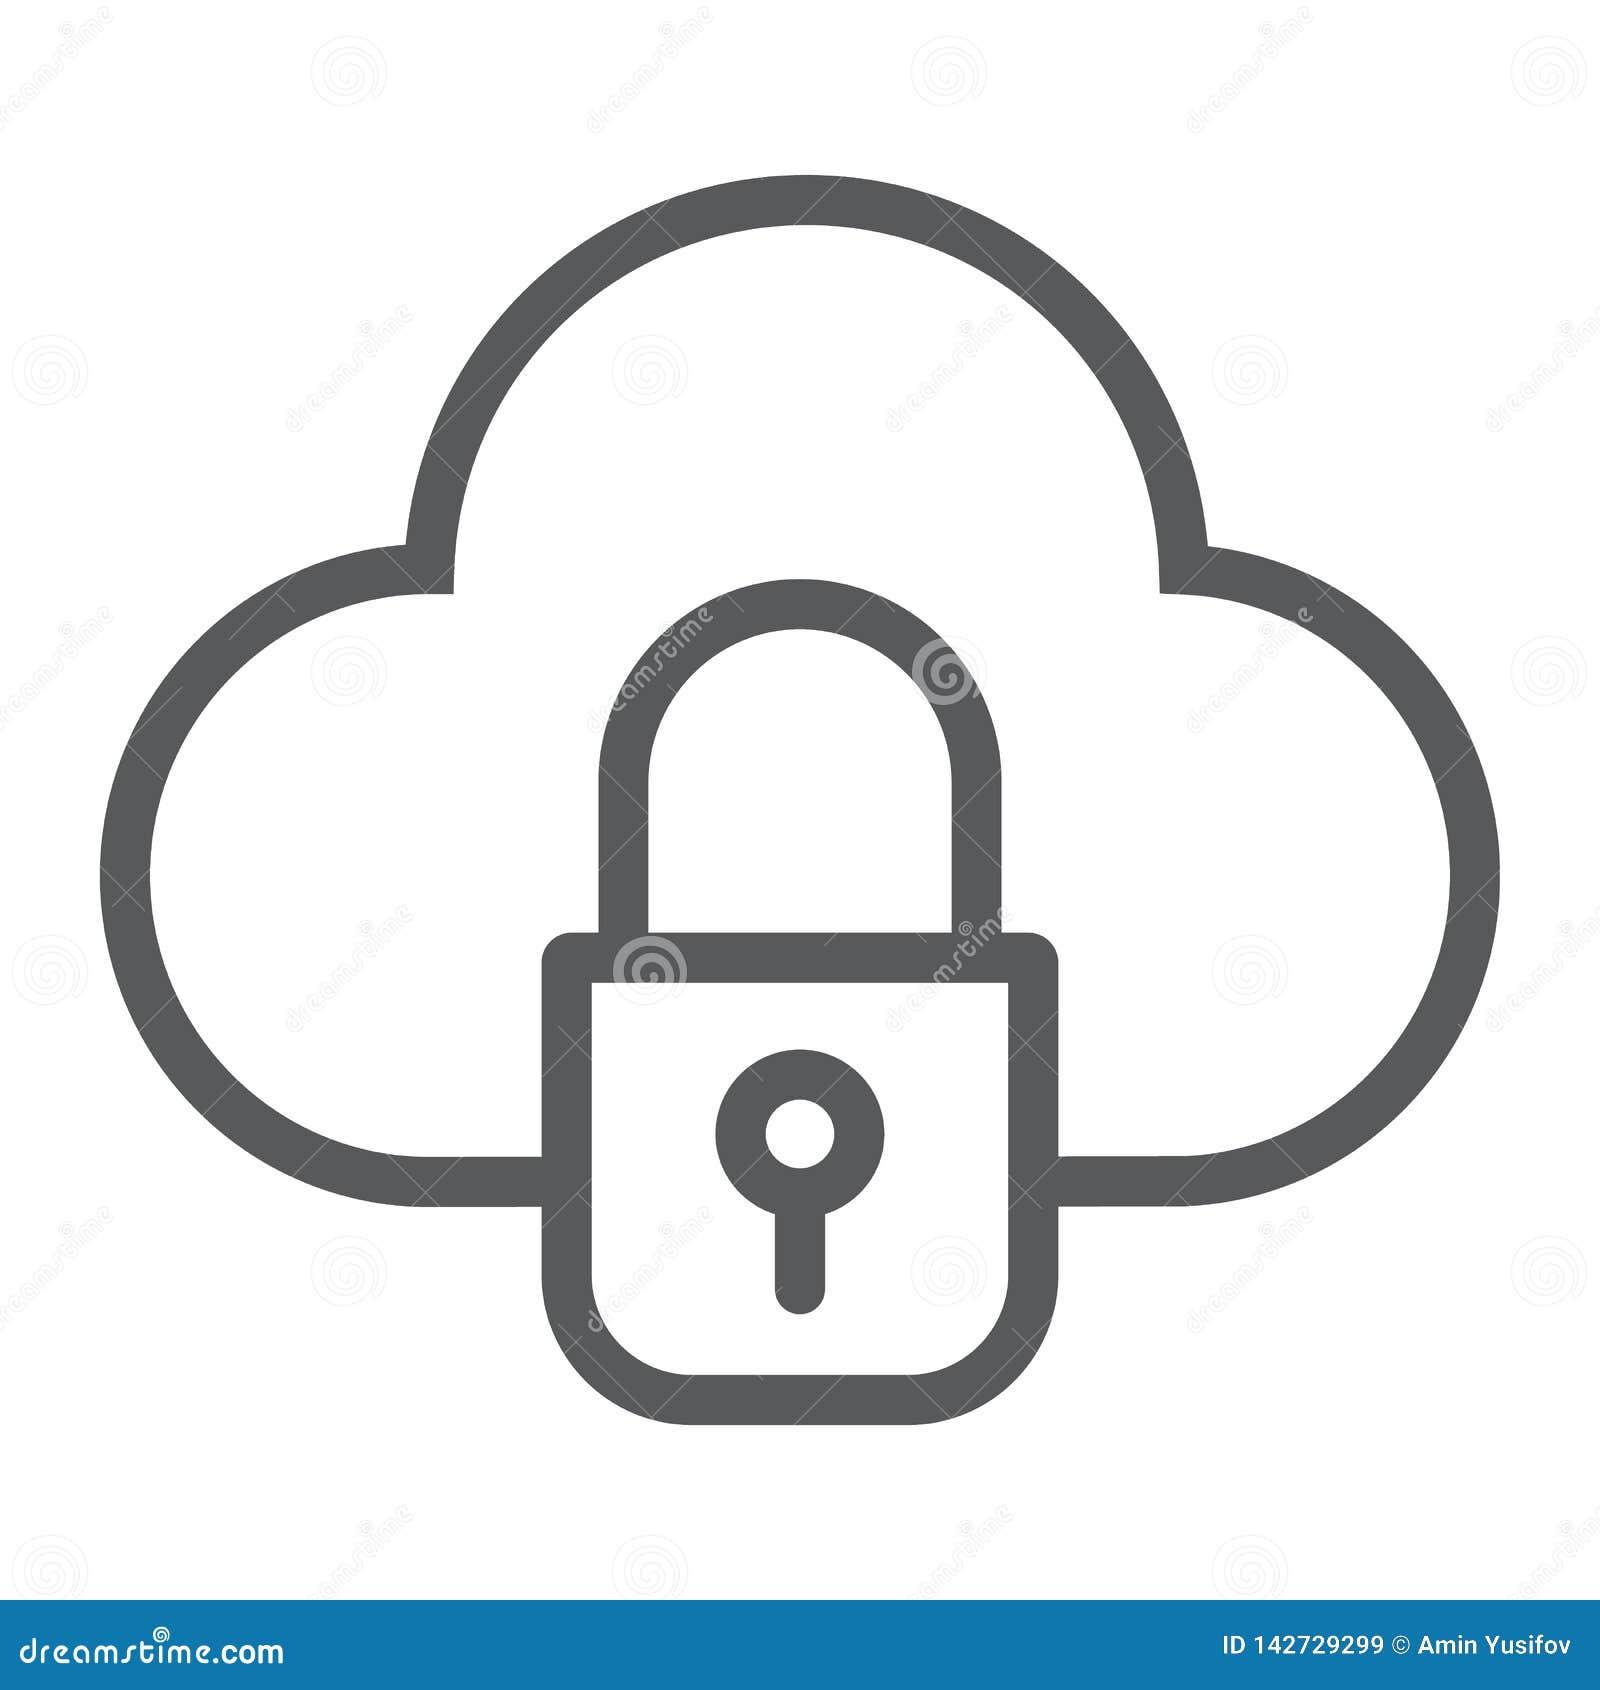 La línea icono, datos de la nube y de cerradura y proteger, se nubla la muestra de la seguridad, gráficos de vector, un modelo